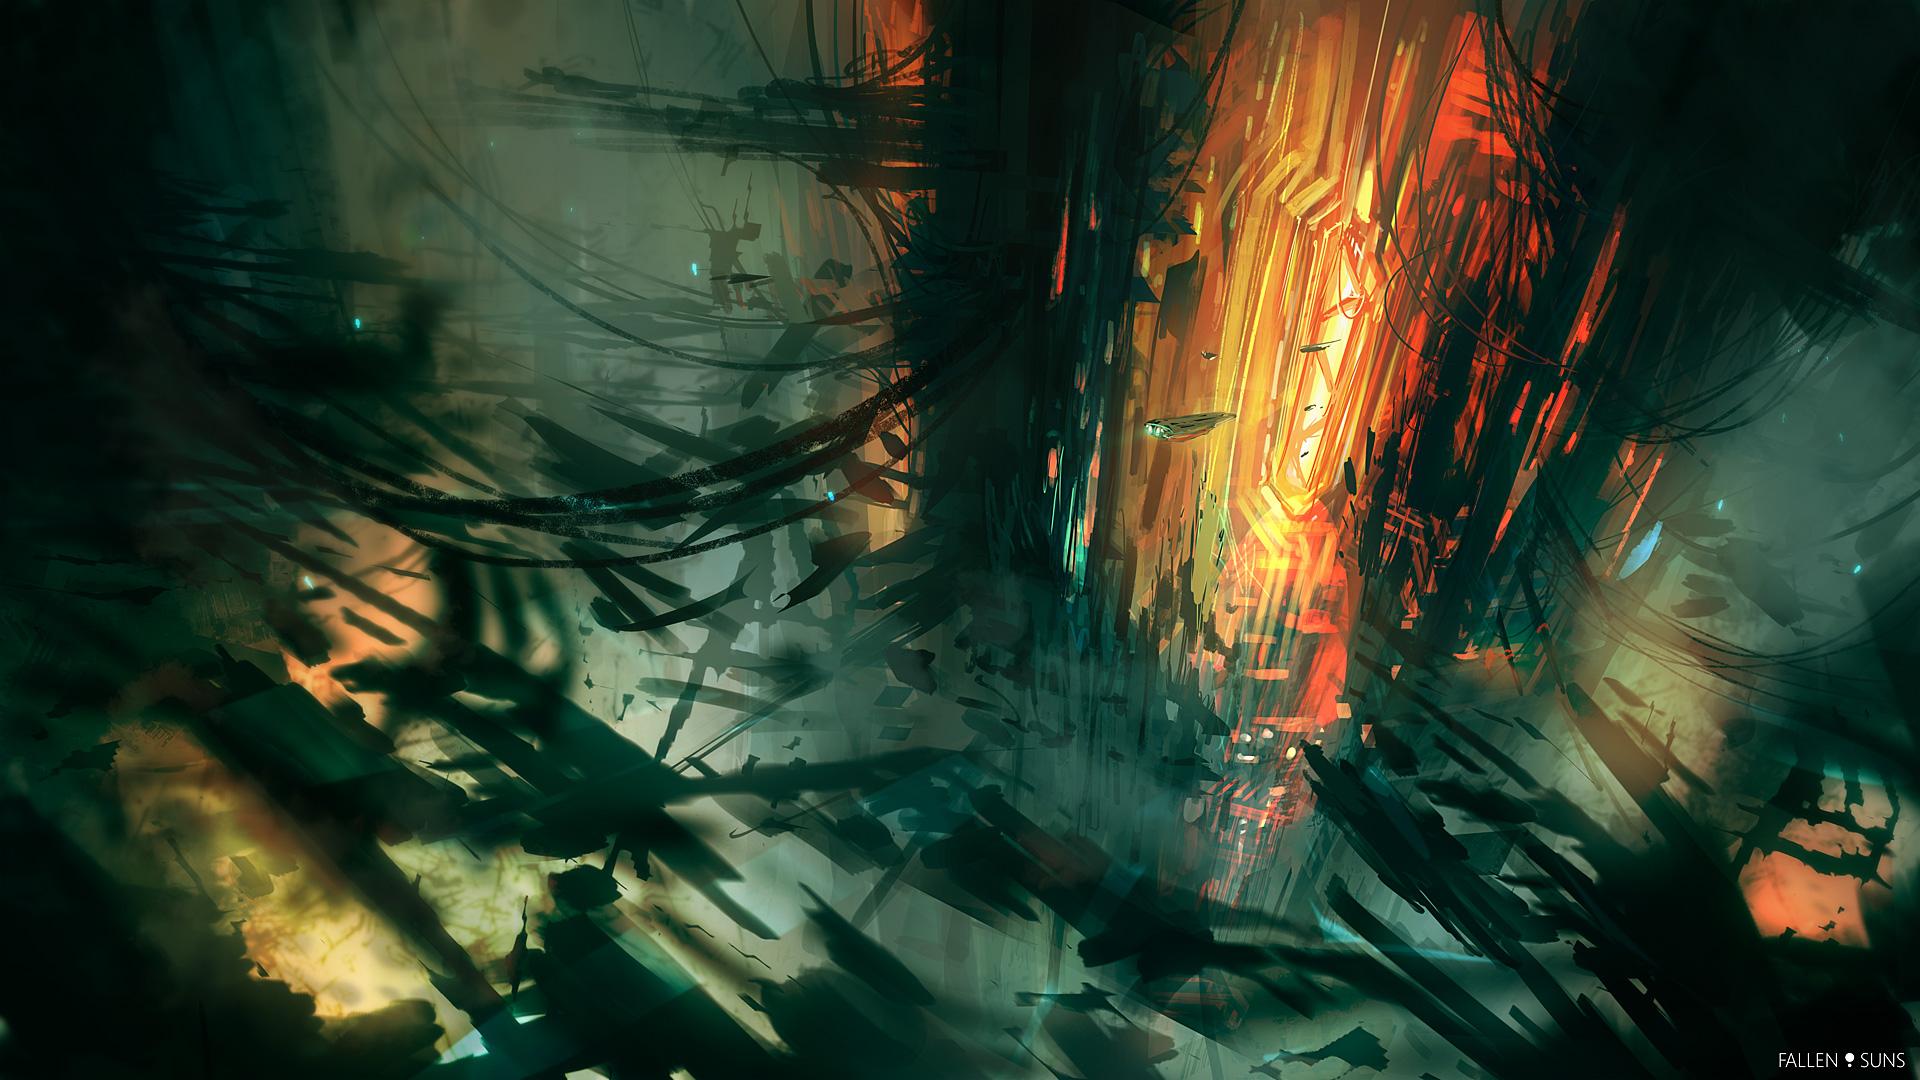 Fallen Suns: Pirate base by MacRebisz